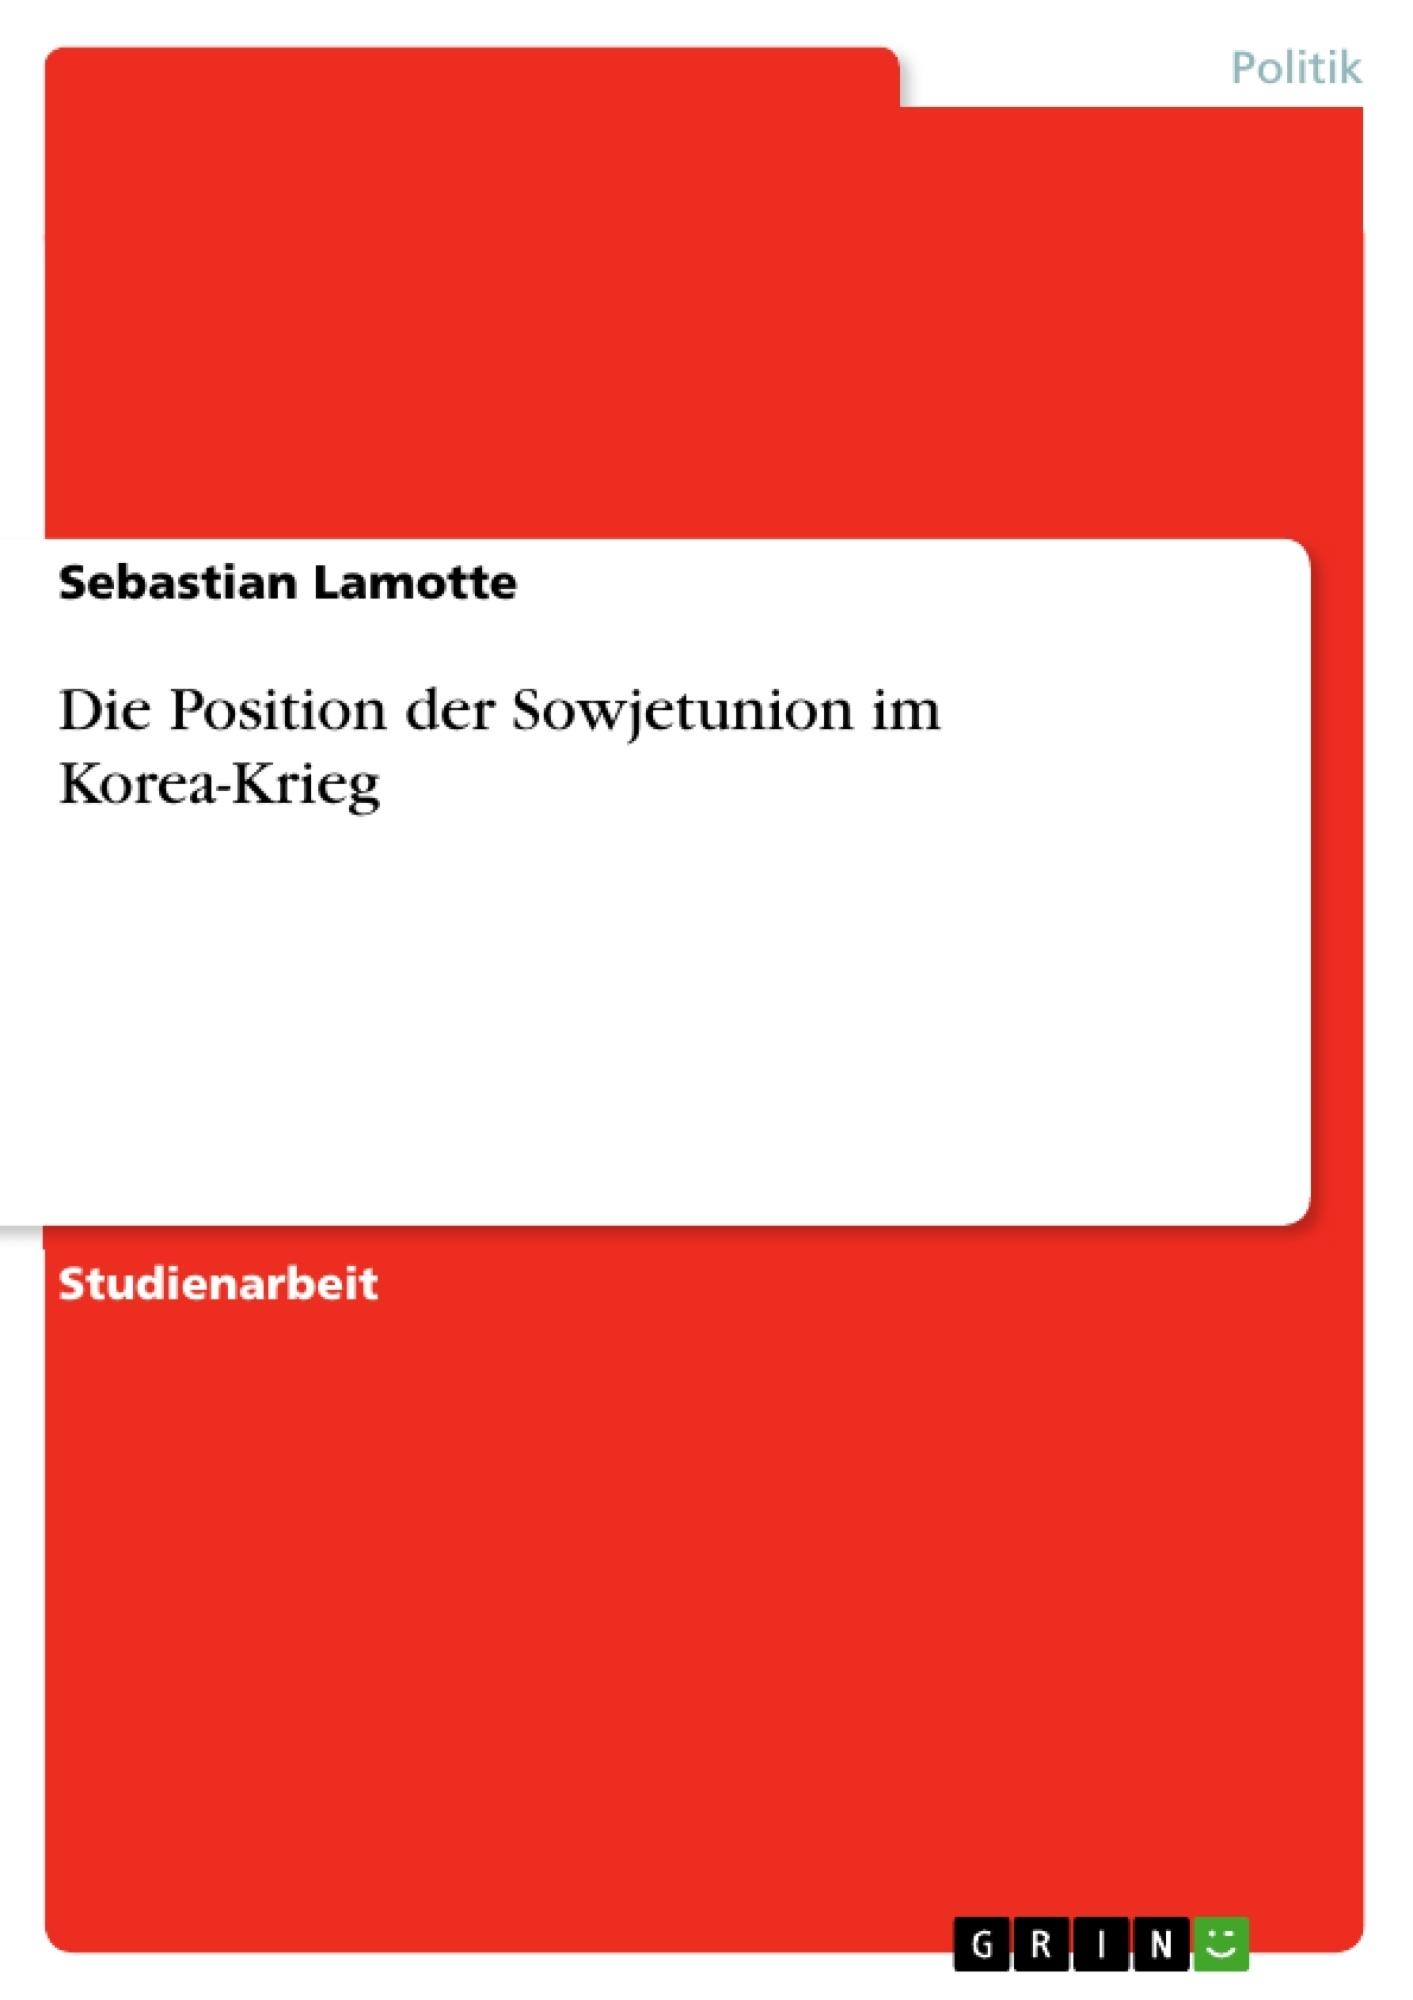 Titel: Die Position der Sowjetunion im Korea-Krieg